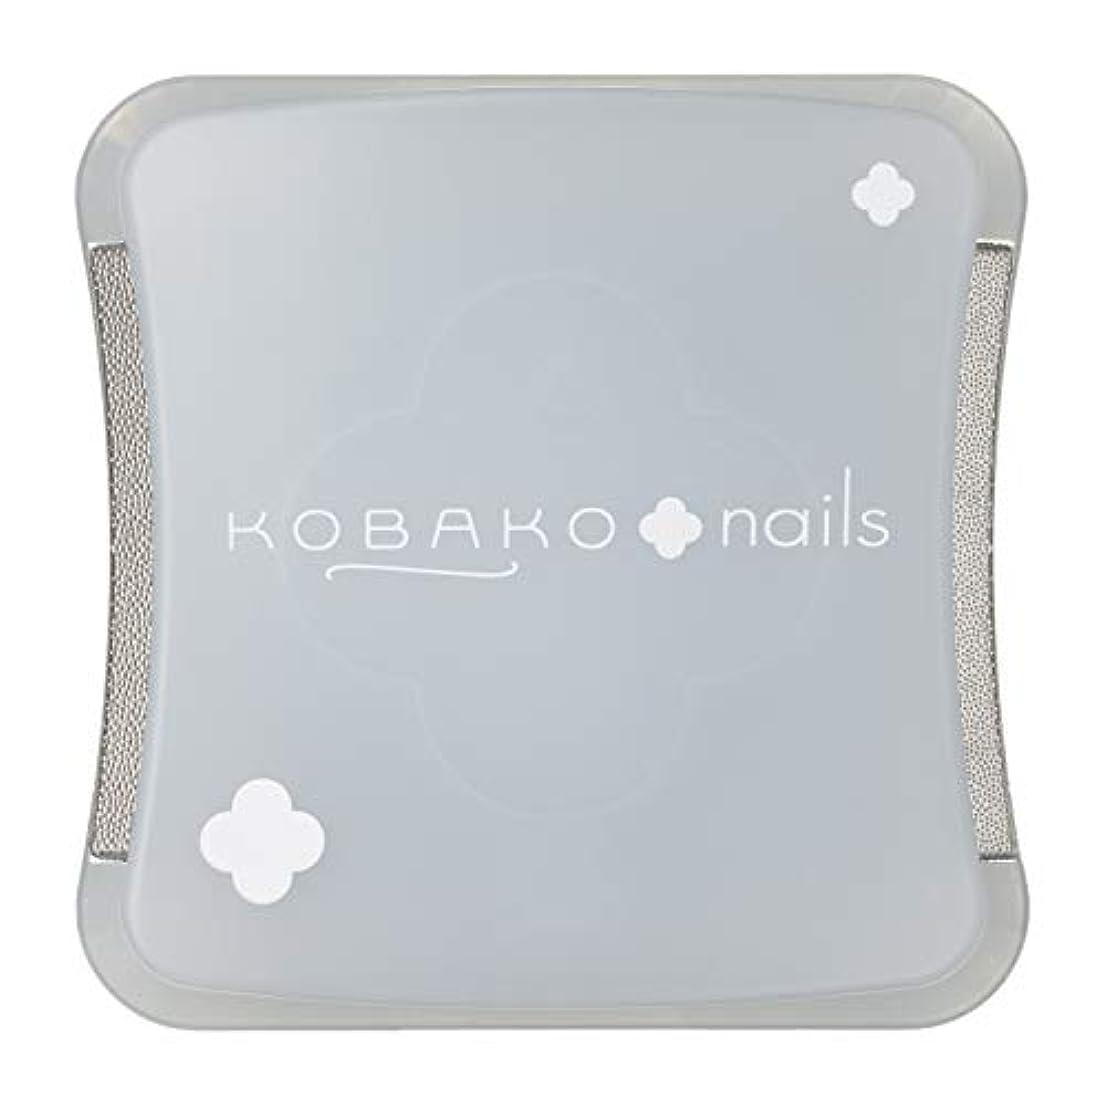 急性遷移好奇心盛KOBAKO(コバコ) コンパクトネイルファイル